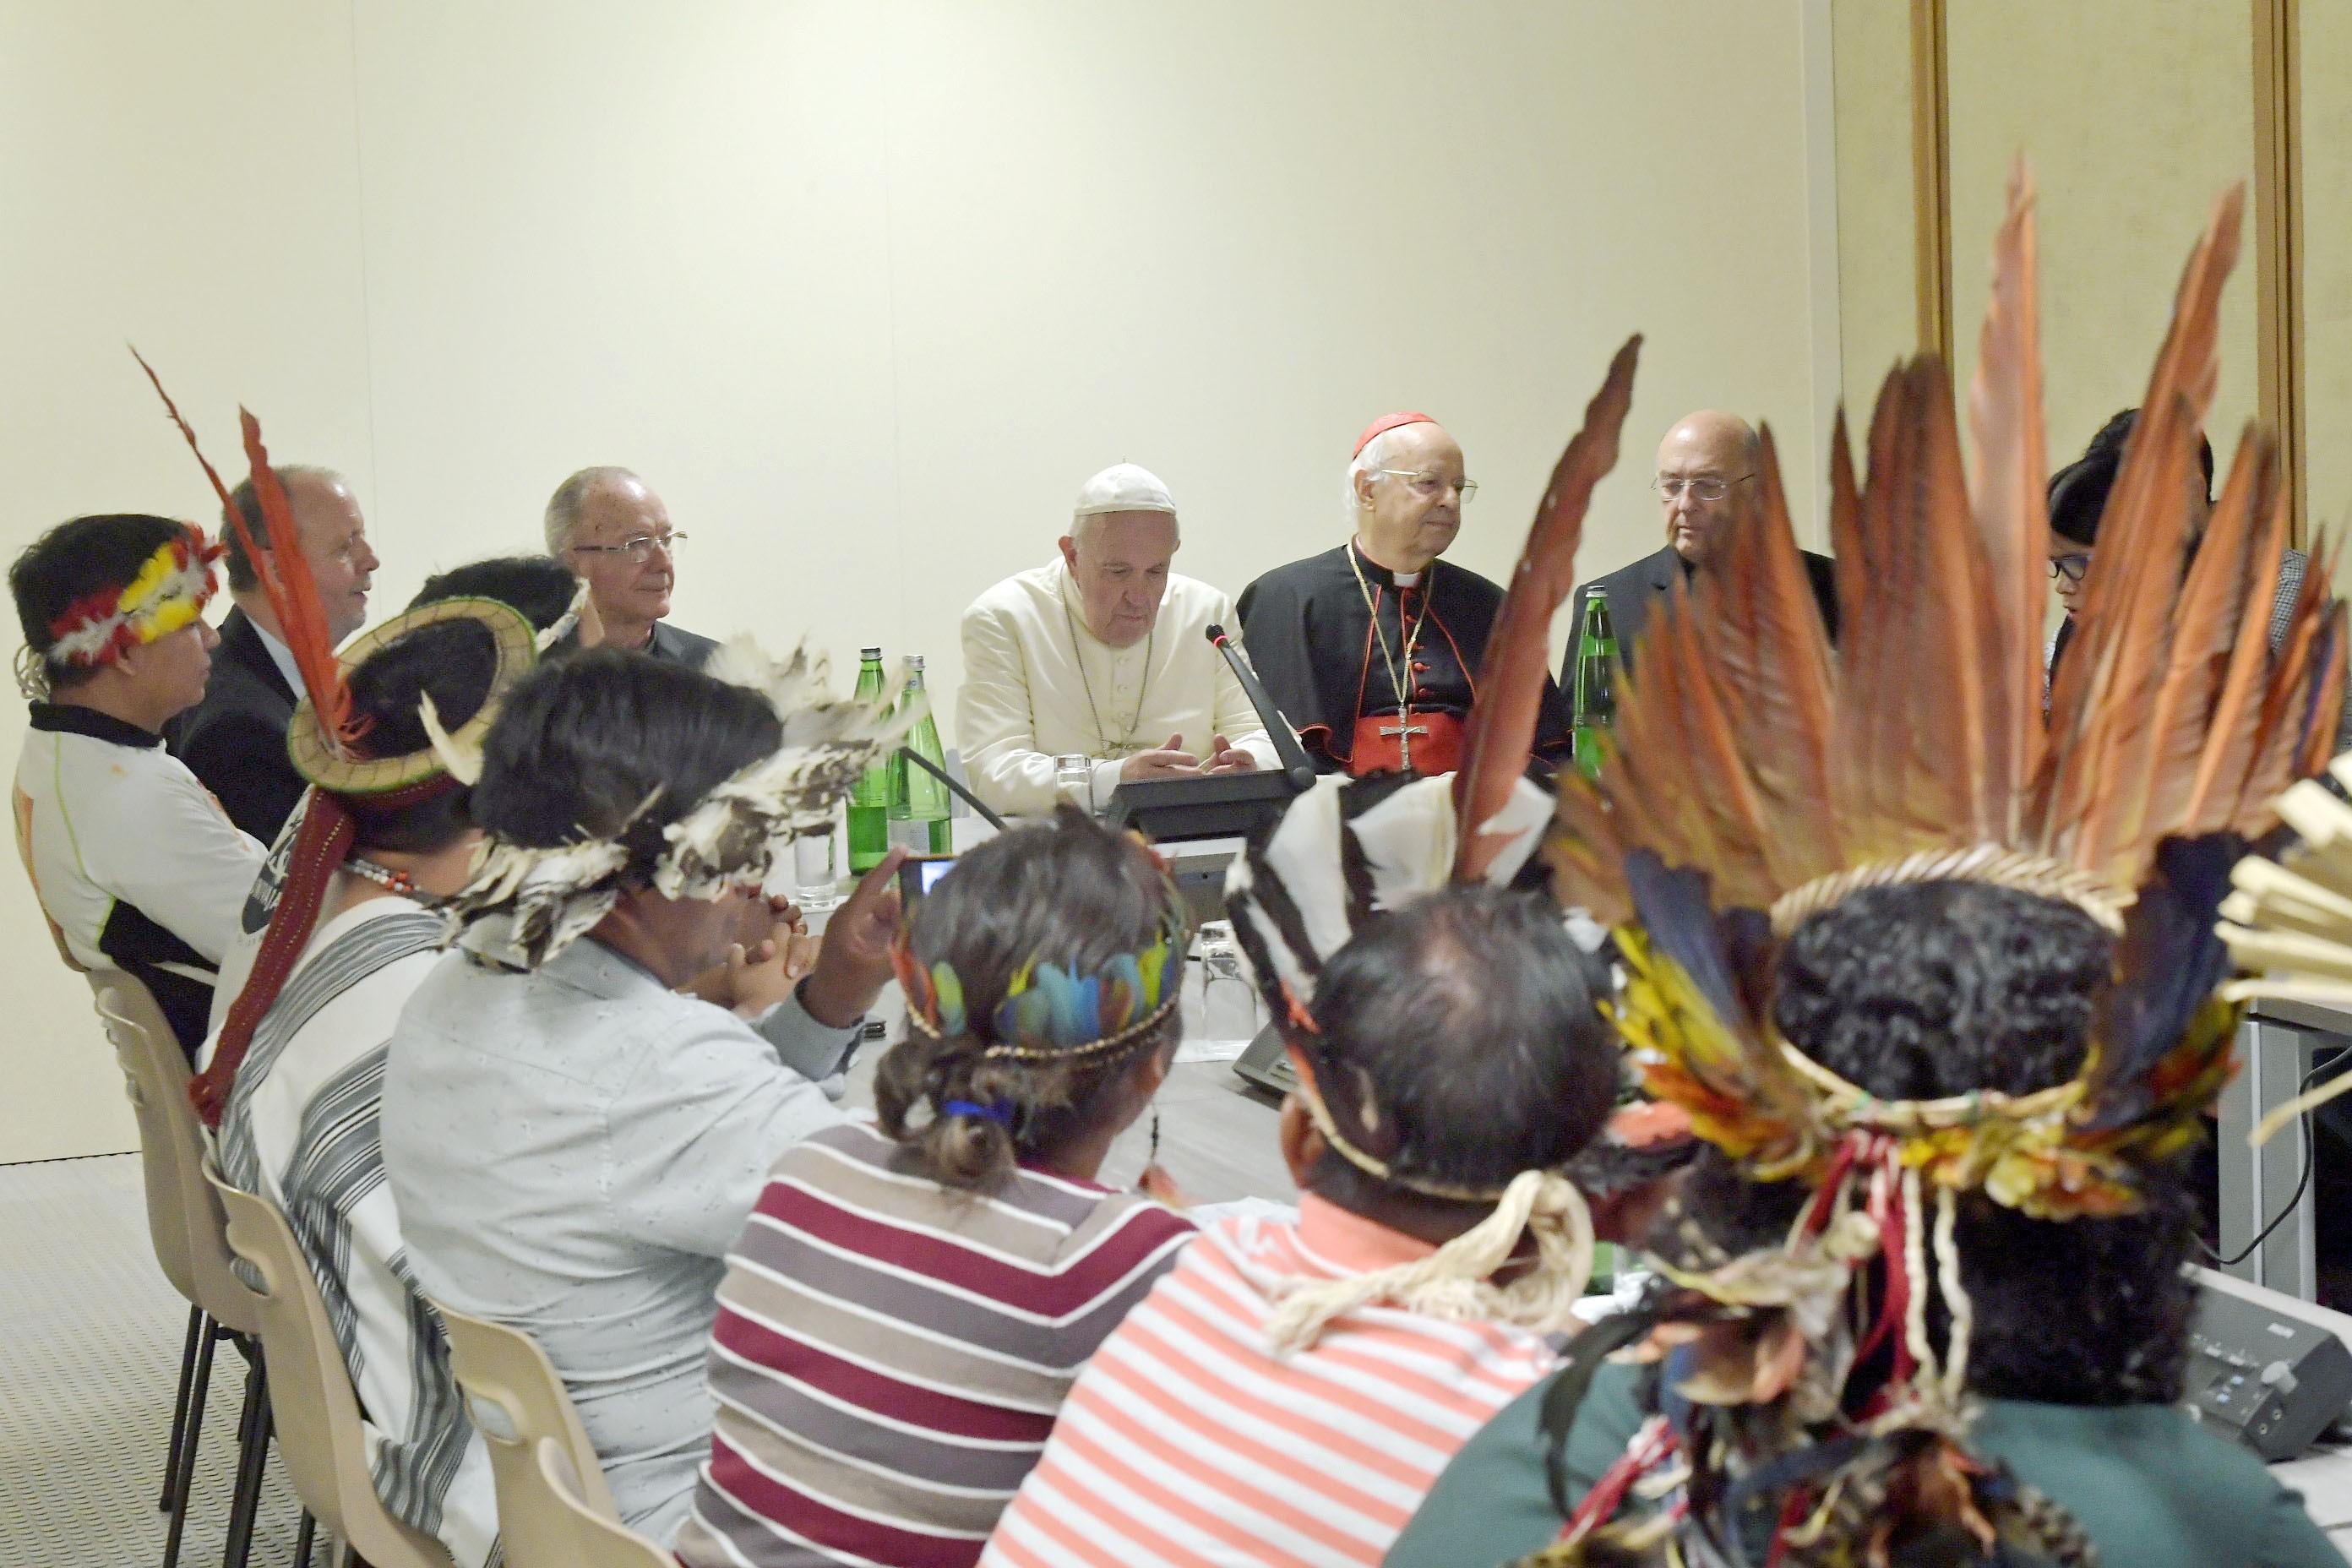 Papa Francisco faz reunião informal com indígenas no Sínodo da Amazônia - Notícias - Plantão Diário